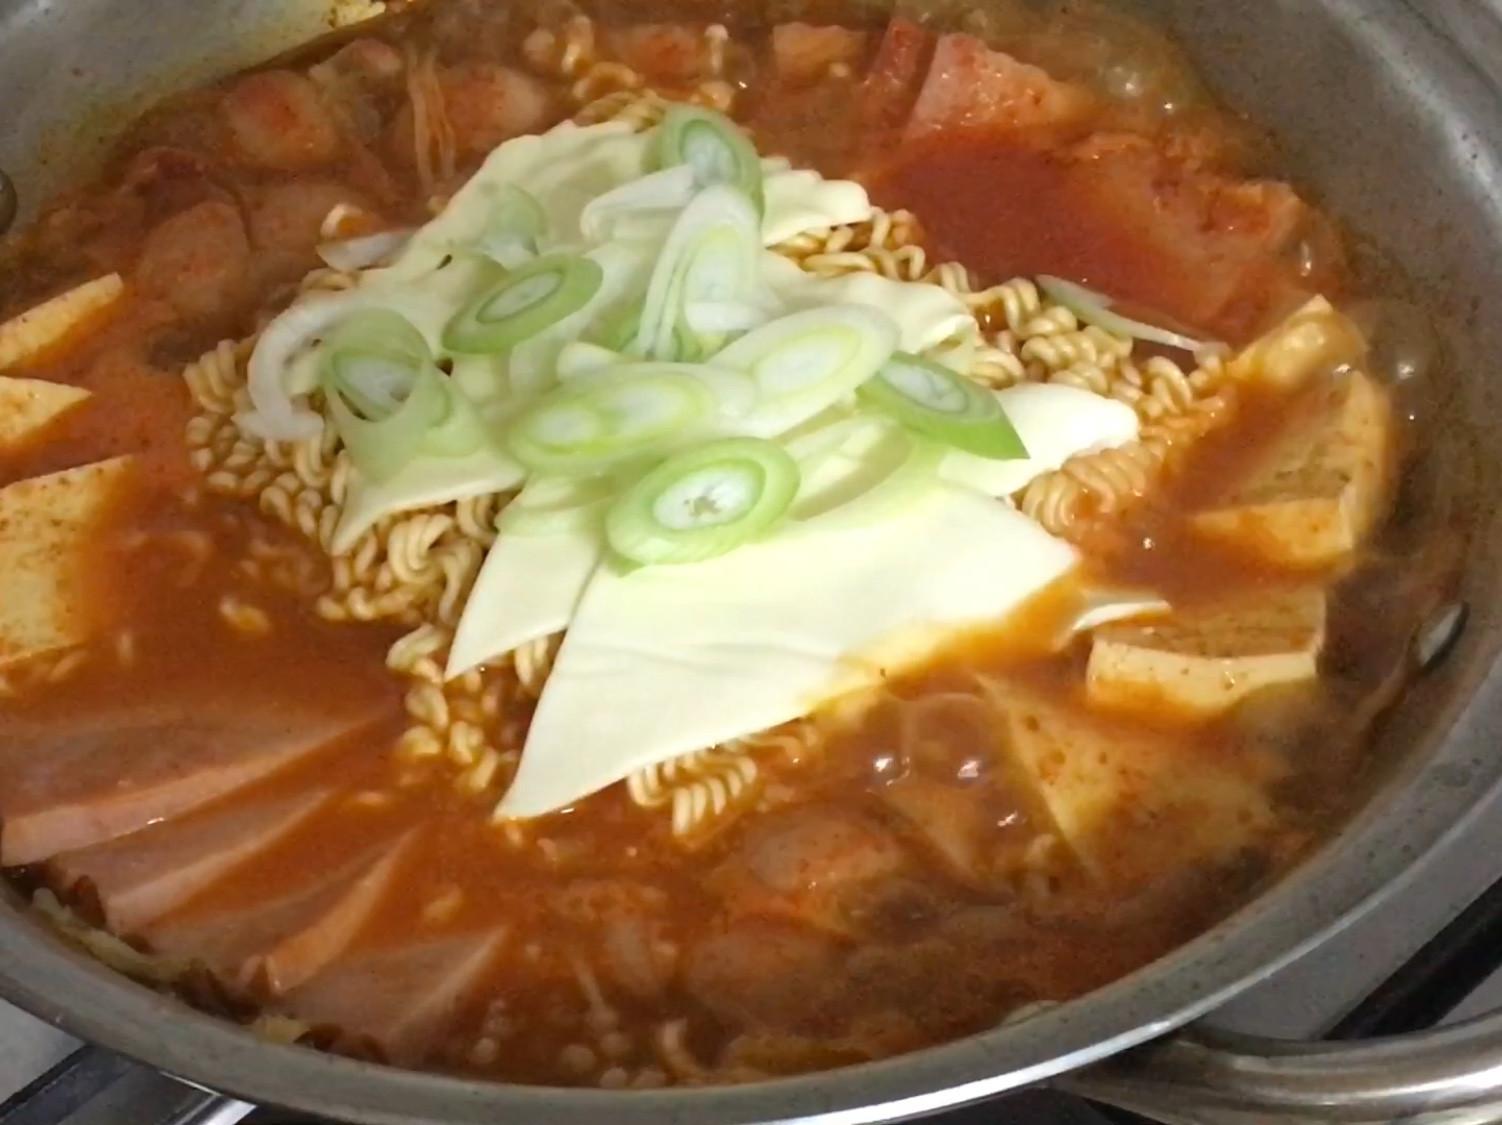 正宗韓式部隊鍋 (부대찌개) 韓式火鍋